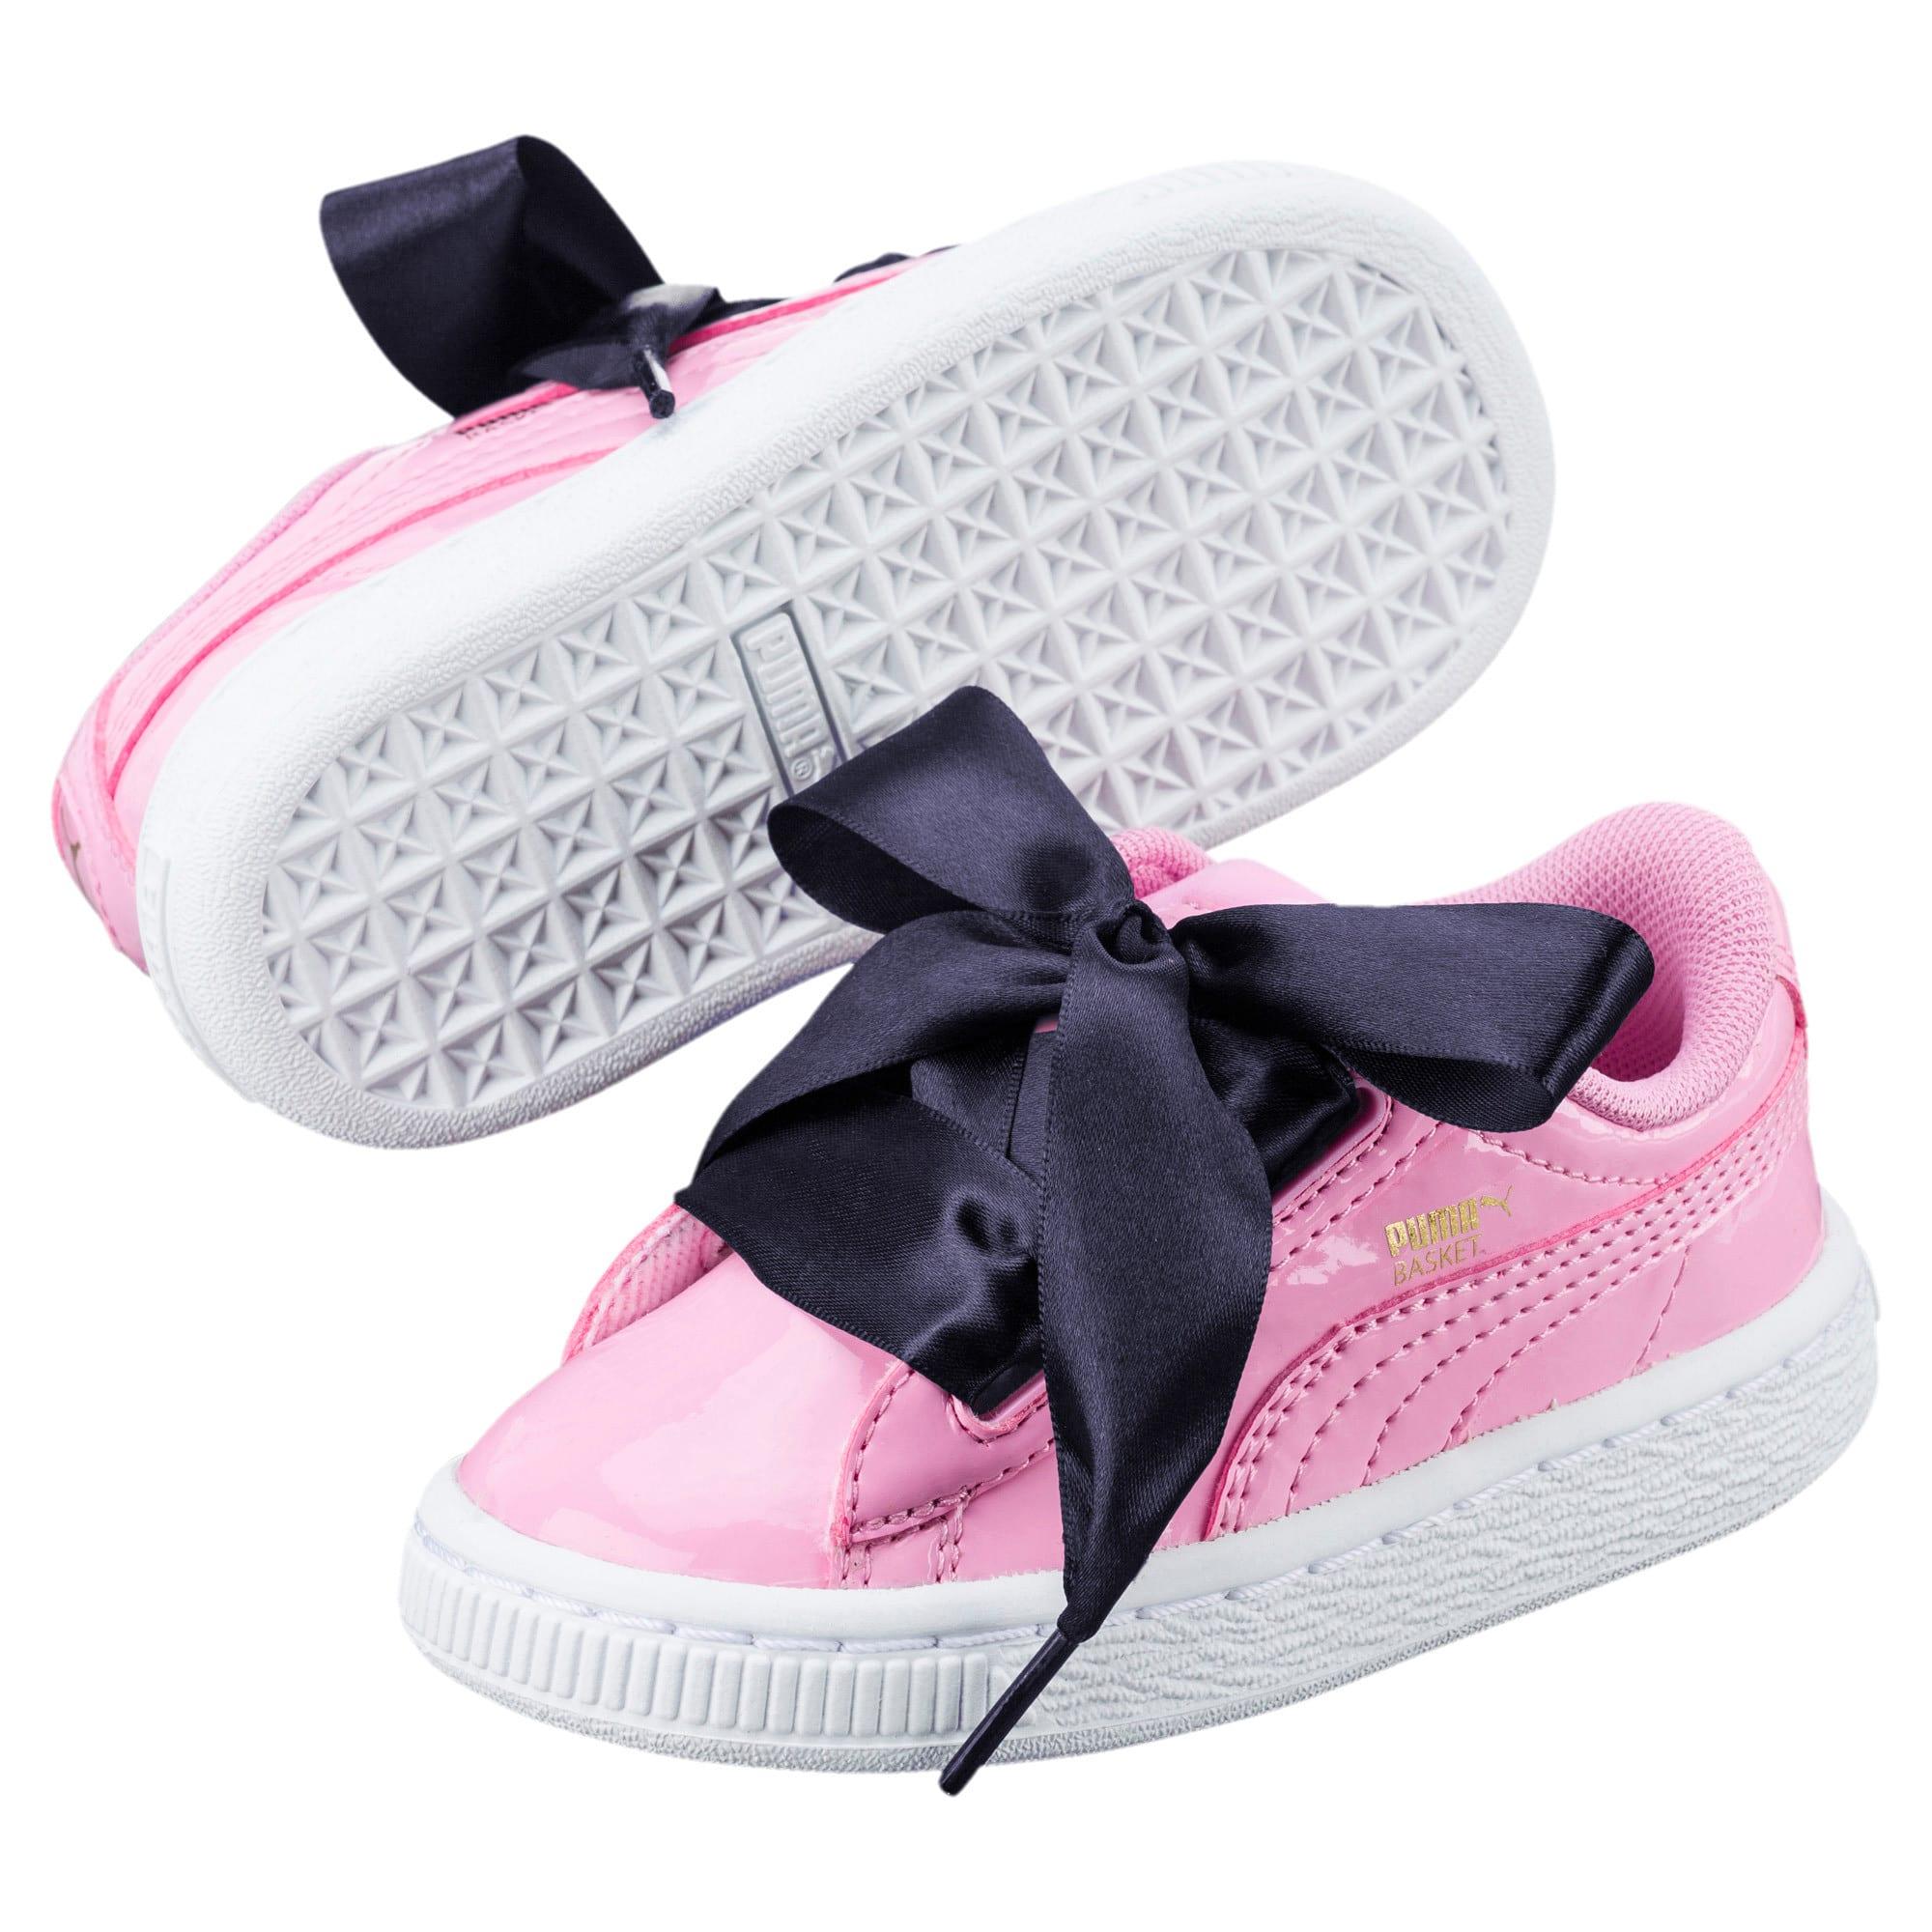 online retailer 51902 acf05 Basket Heart Babies' Trainers